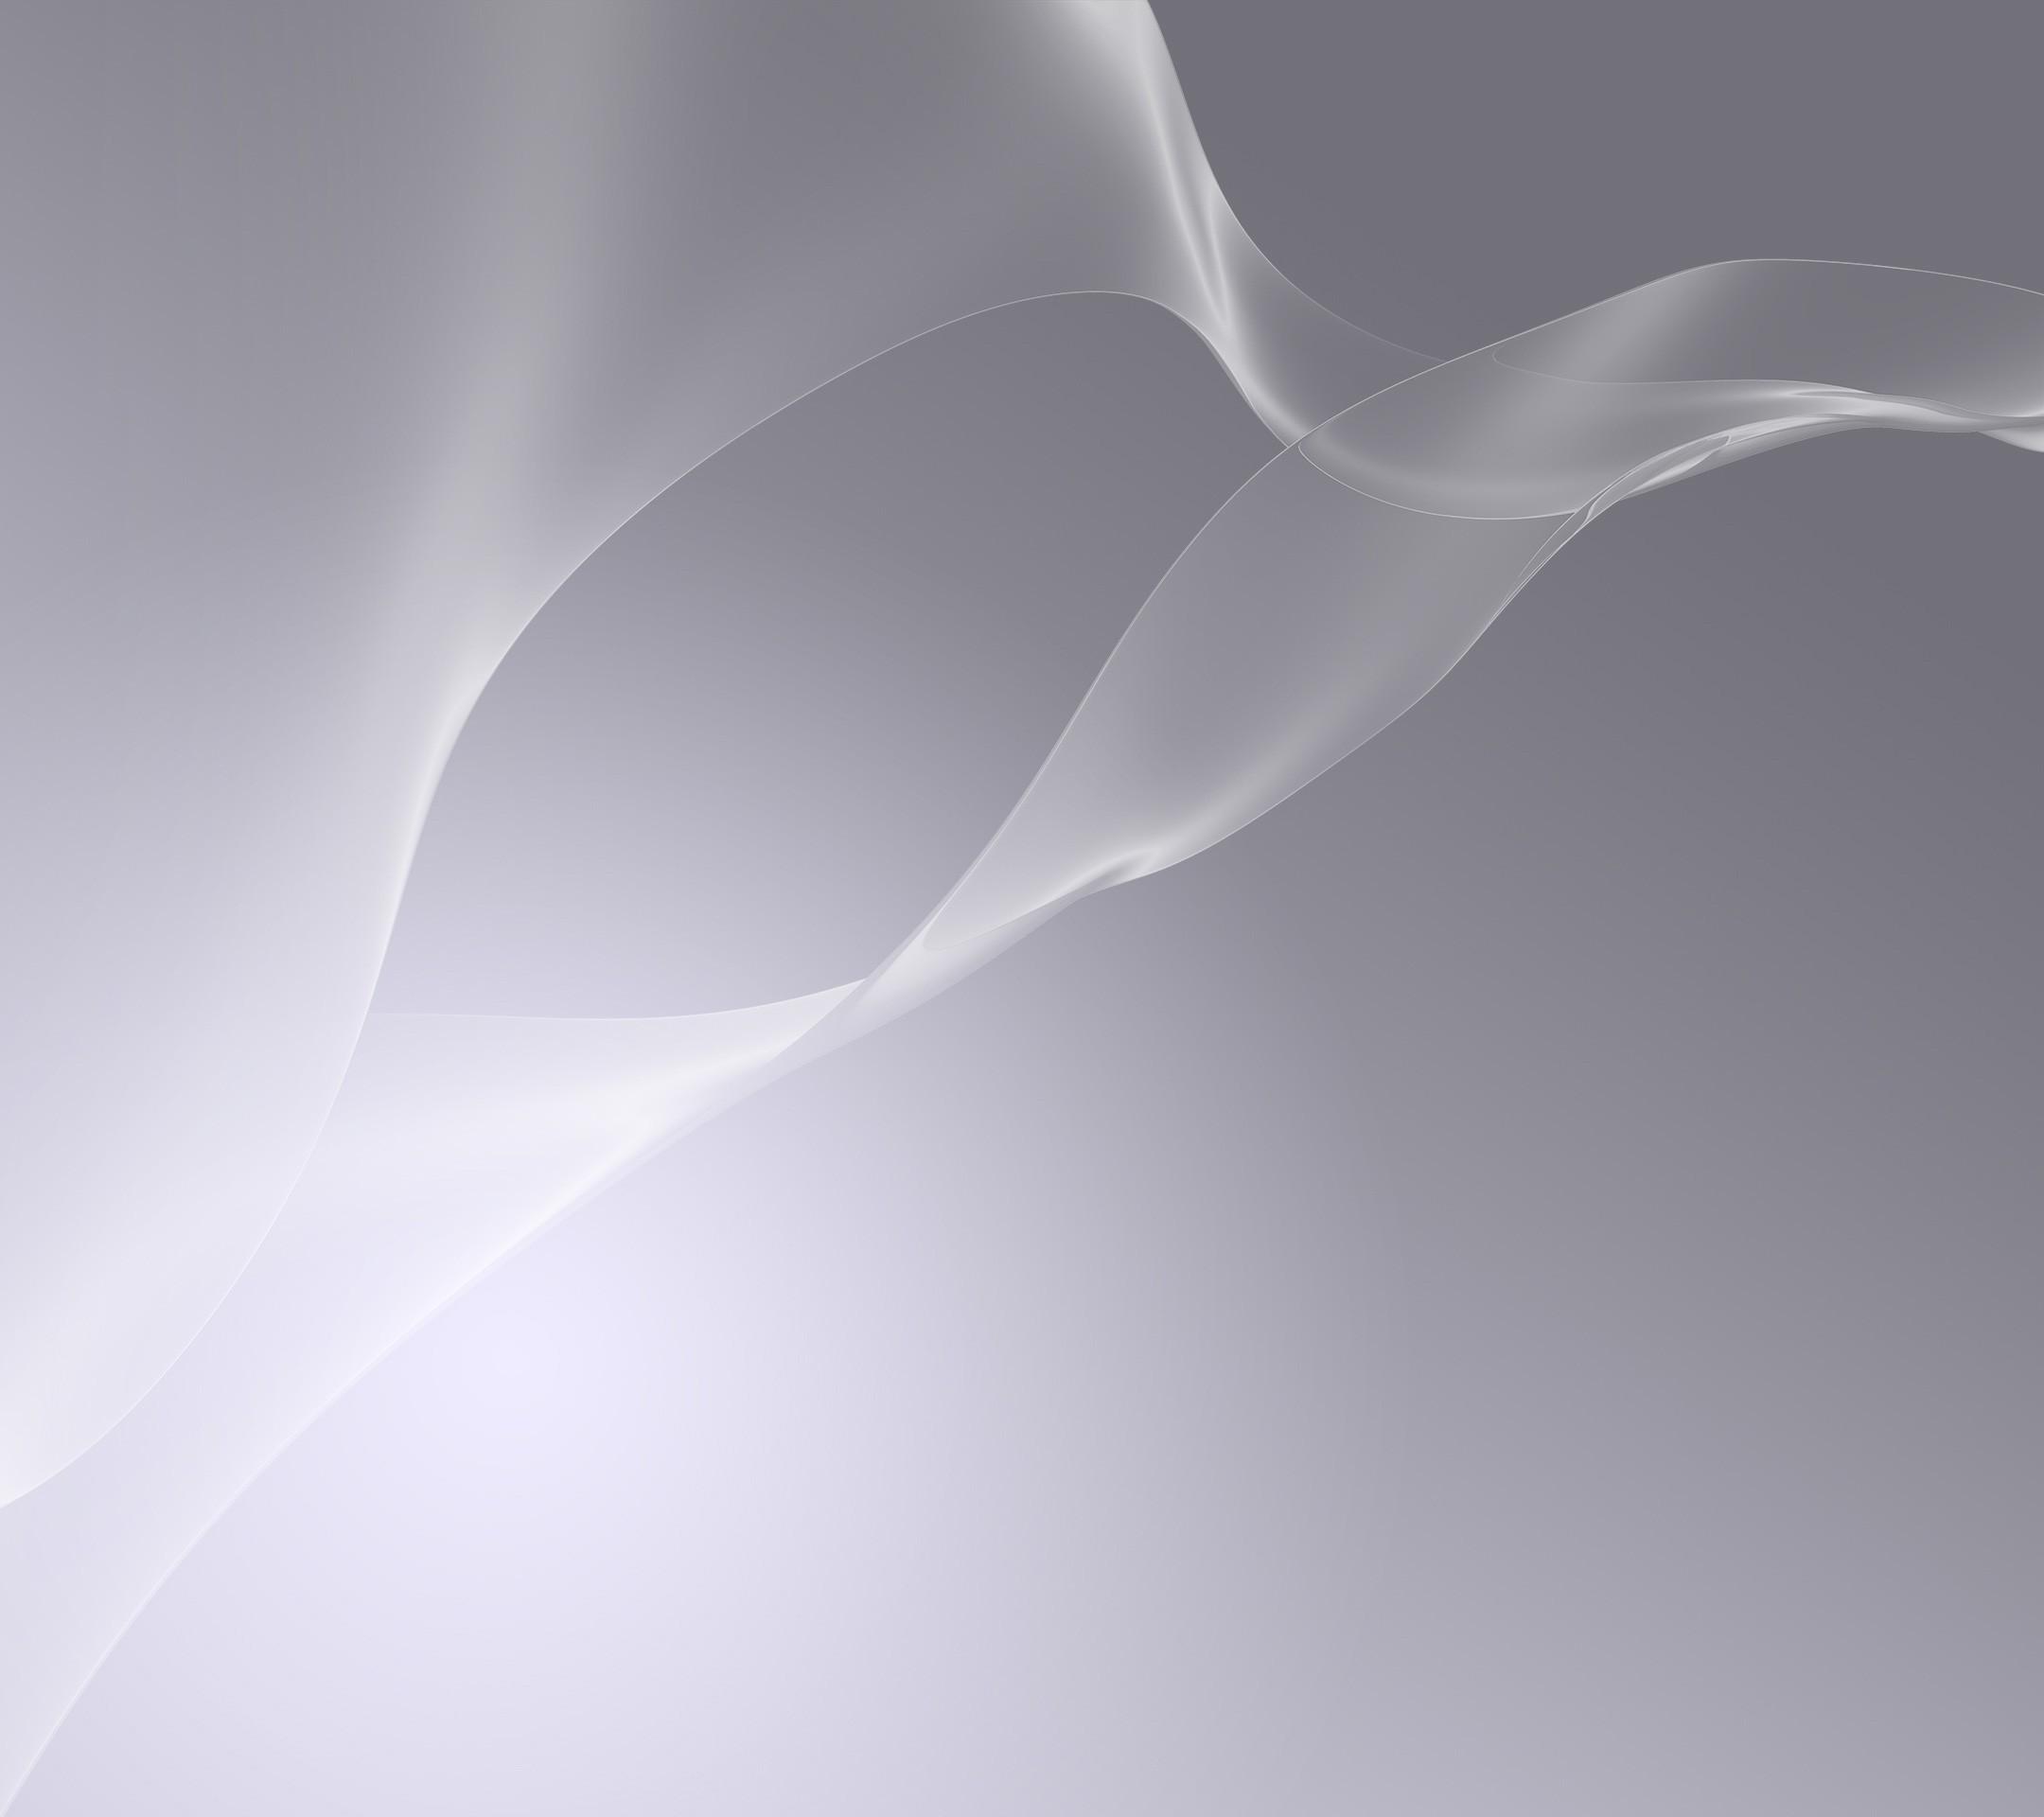 デスクトップ壁紙 モノクロ 抽象 波 ライン 花弁 翼 2160x19 Px コンピュータの壁紙 黒と白 2160x19 Goodfon デスクトップ壁紙 Wallhere